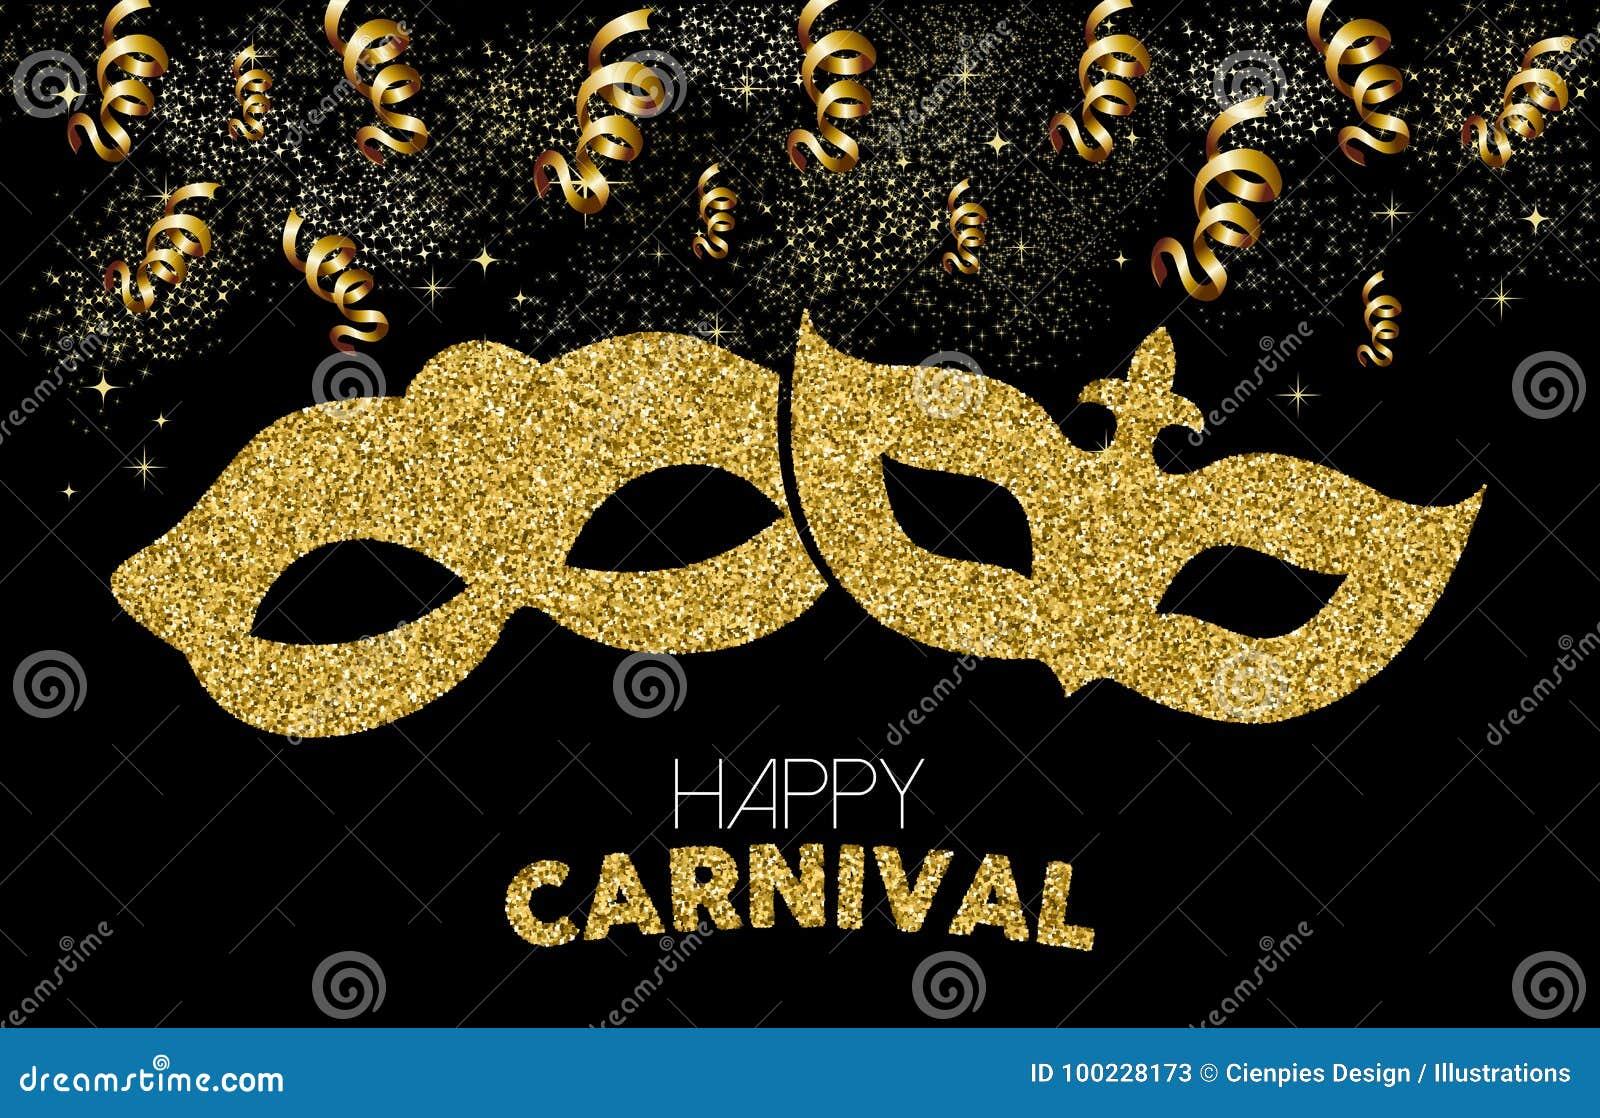 愉快的狂欢节金子闪烁面具服装设计